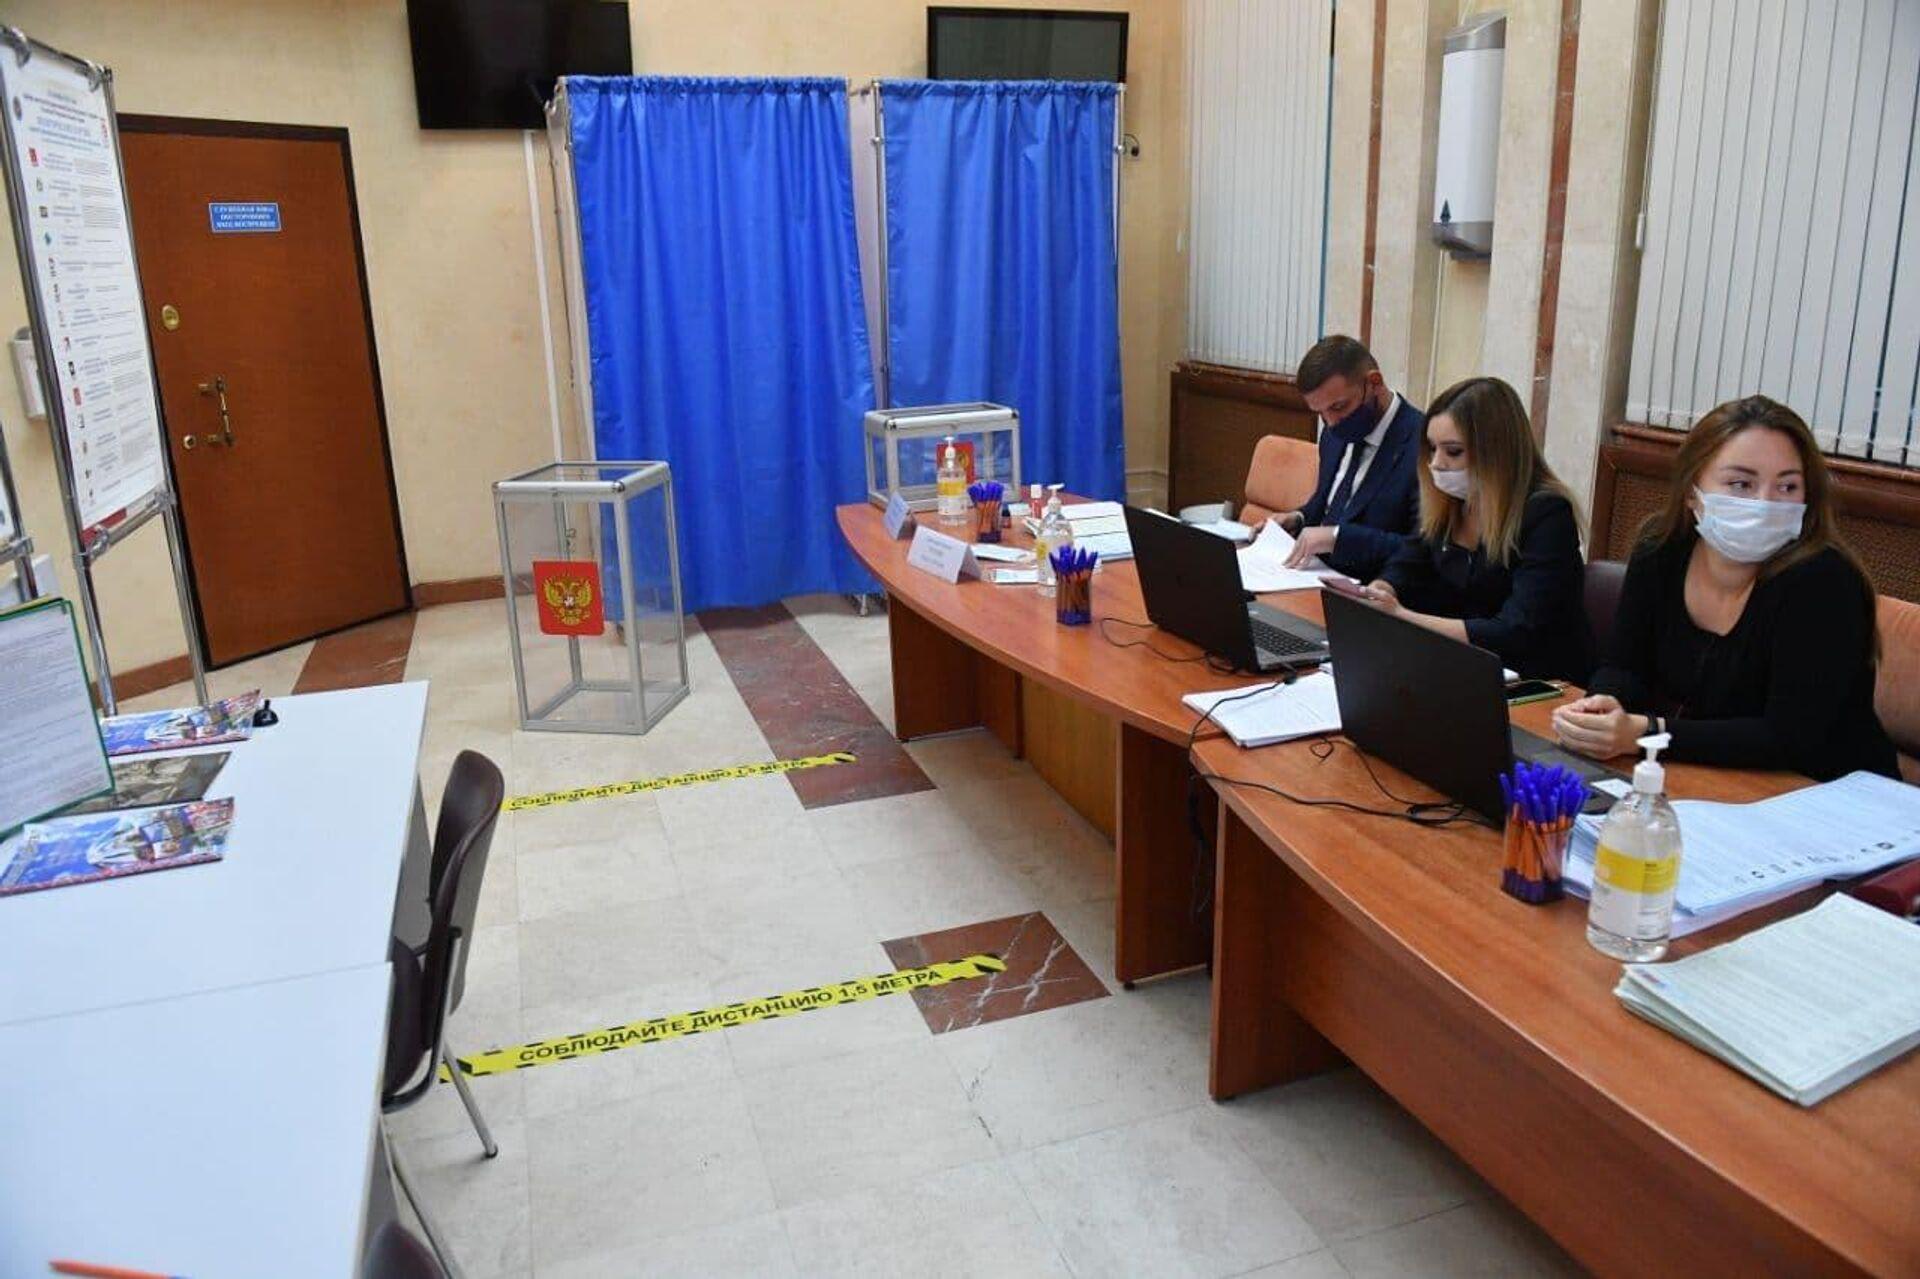 Избирательный участок для голосования на выборах в Госдуму открылся в посольстве России в Минске - Sputnik Беларусь, 1920, 17.09.2021